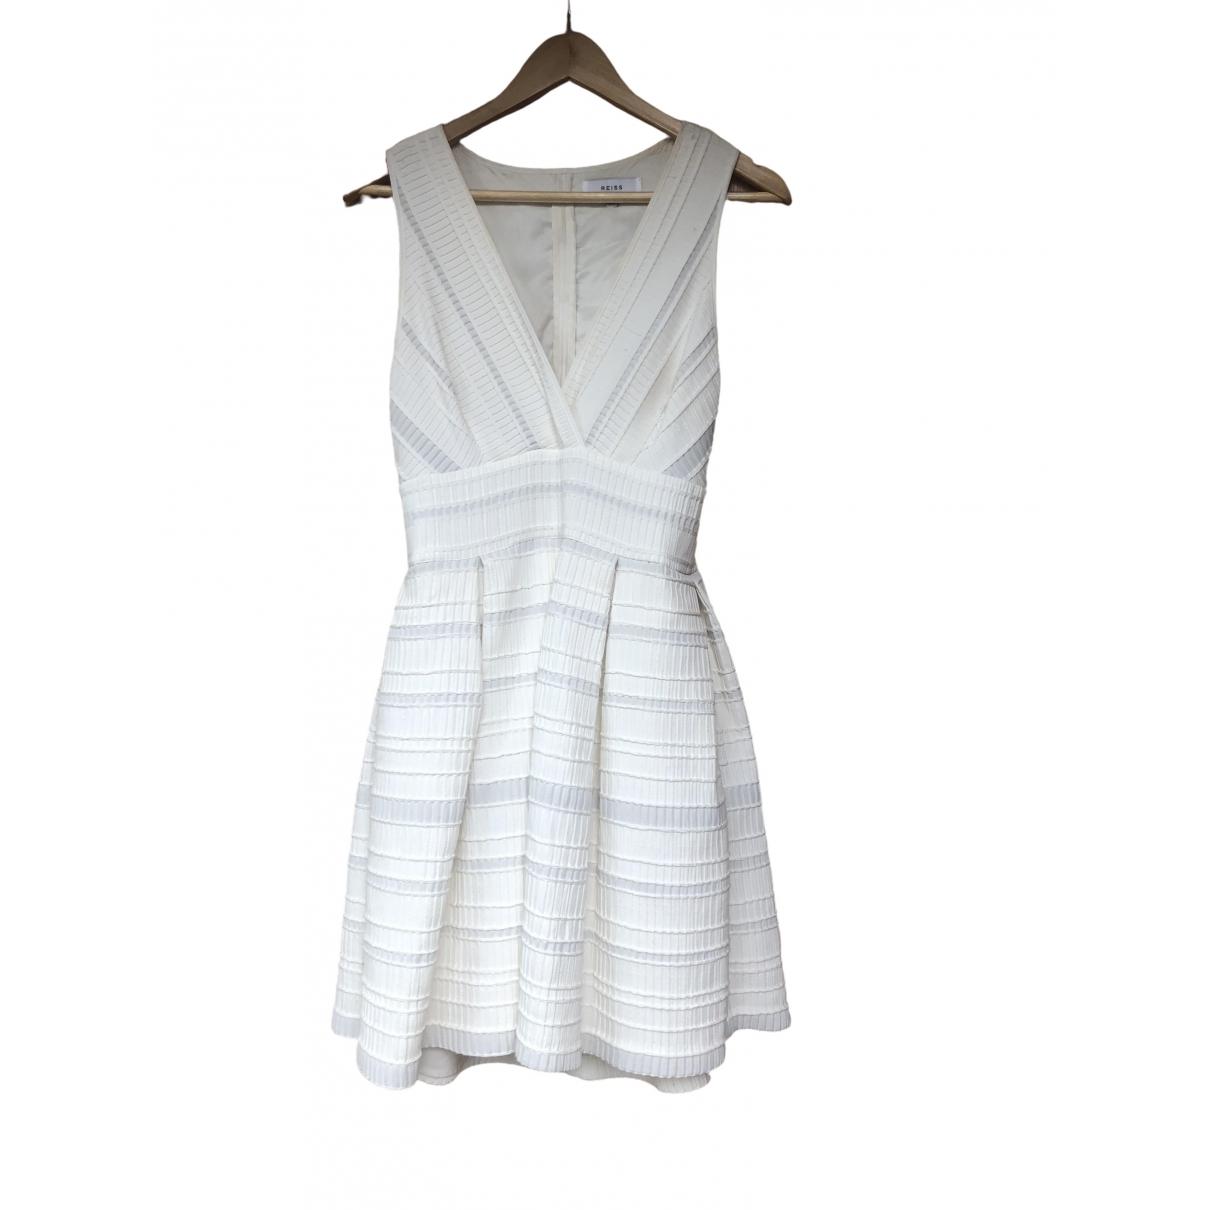 Reiss \N Ecru dress for Women 40 FR